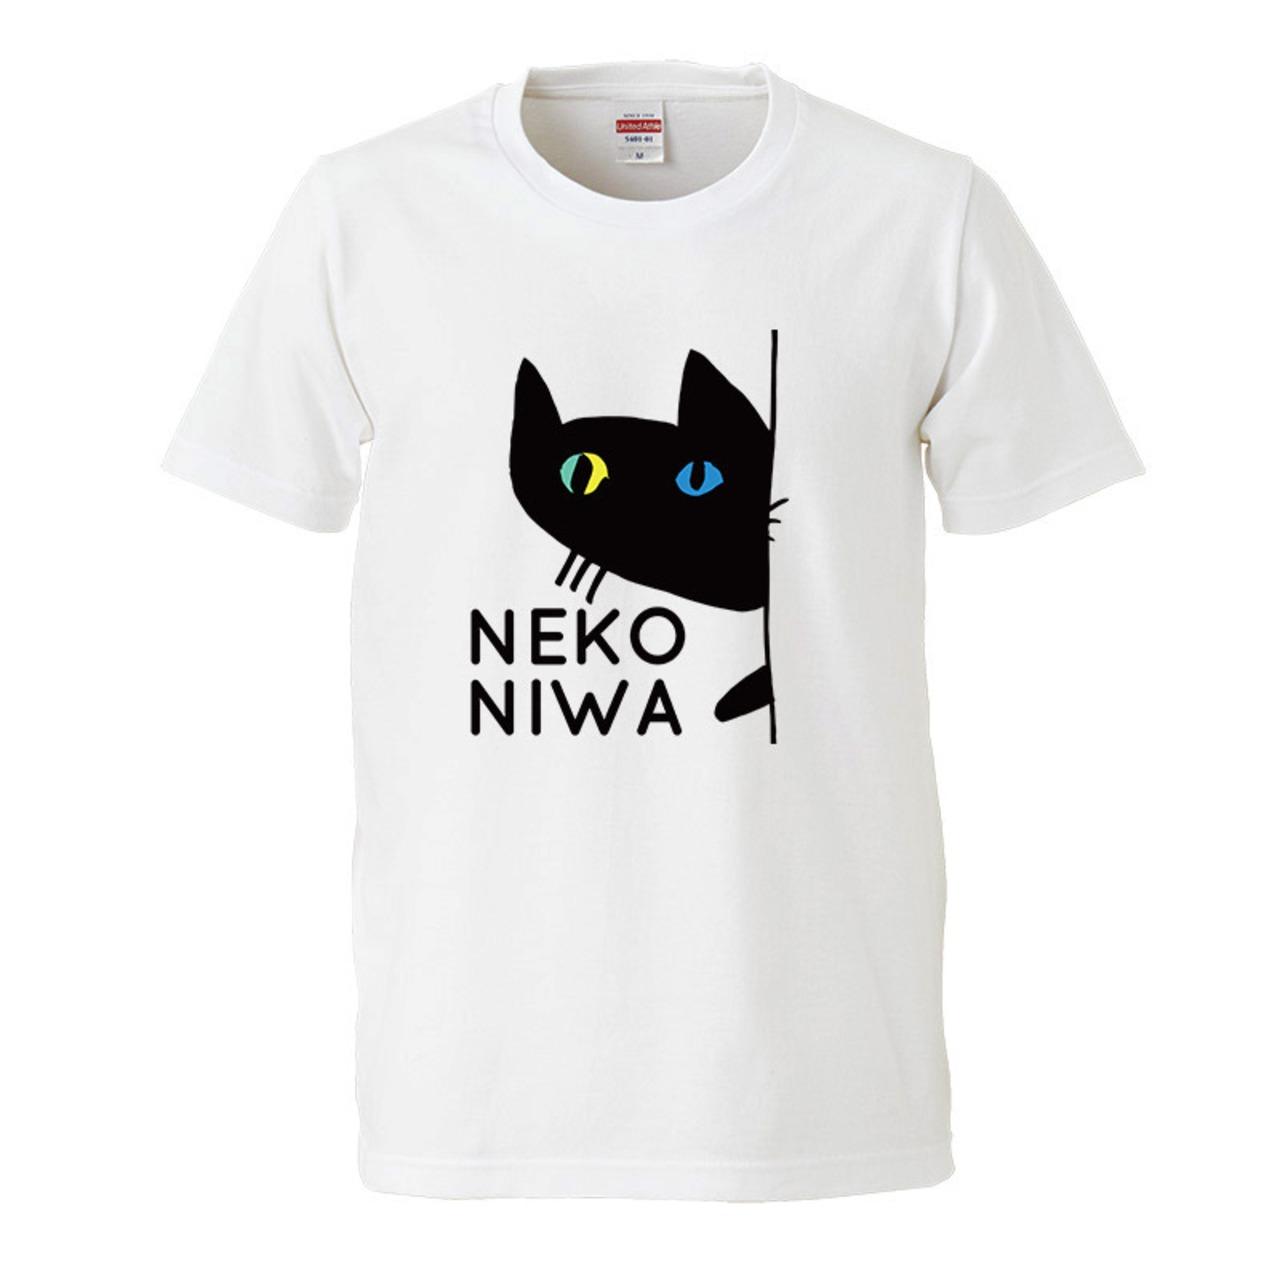 【猫庭Tシャツ】オッドアイ 全国送料無料!!